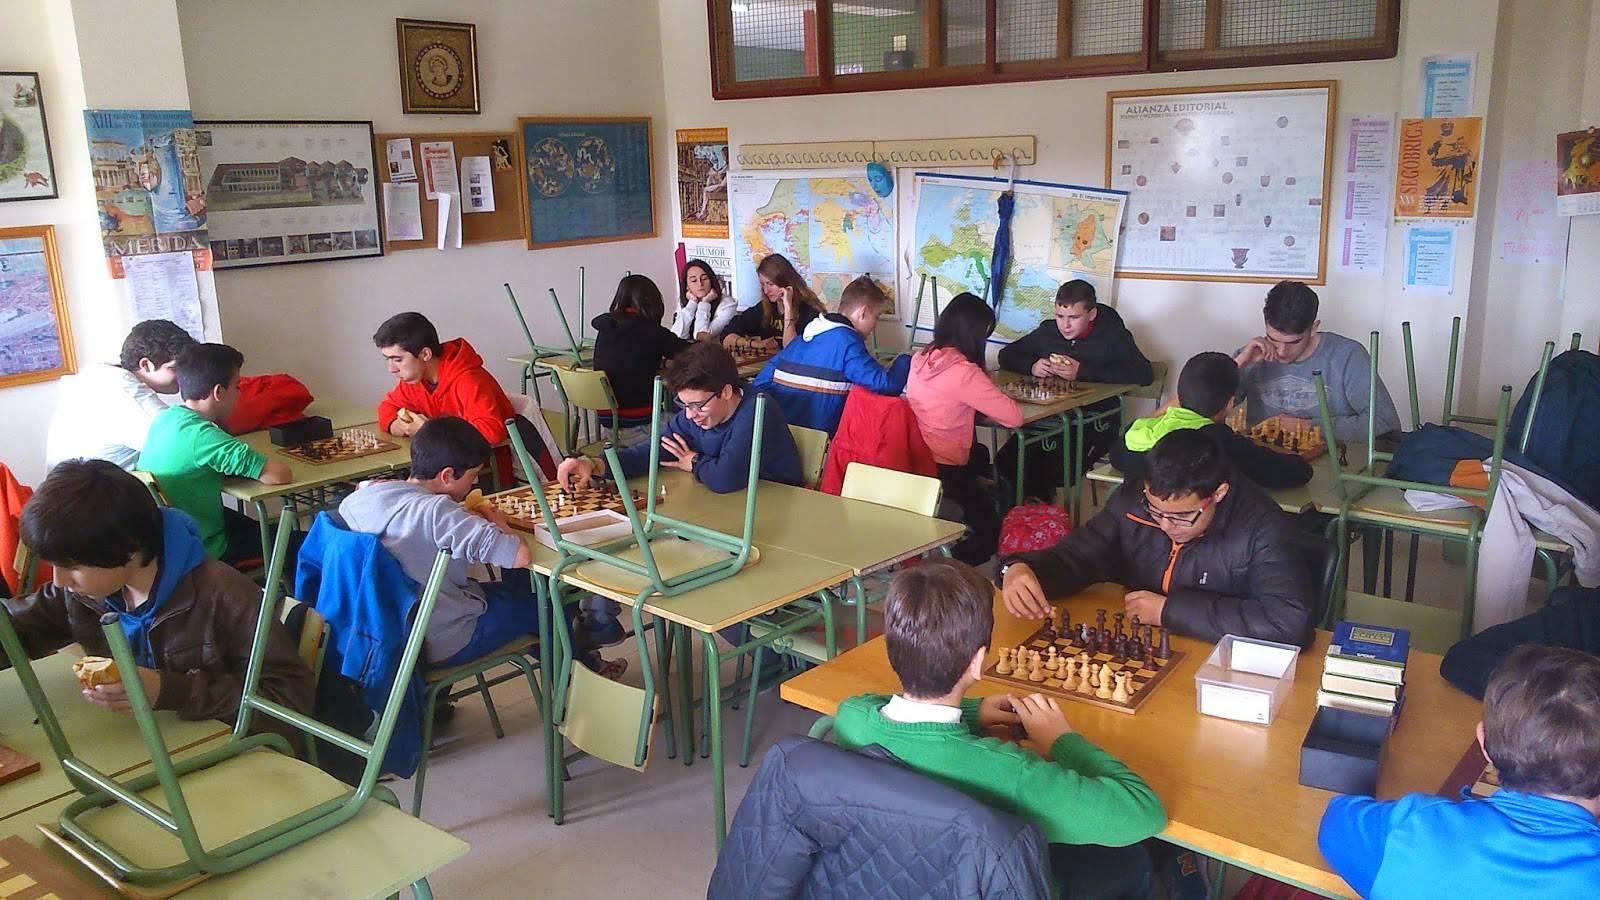 I Campeonato de ajedrez Anthropos - Ánthropos está organizando su I Campeonato de Ajedrez en el IES Hermógenes Rodríguez